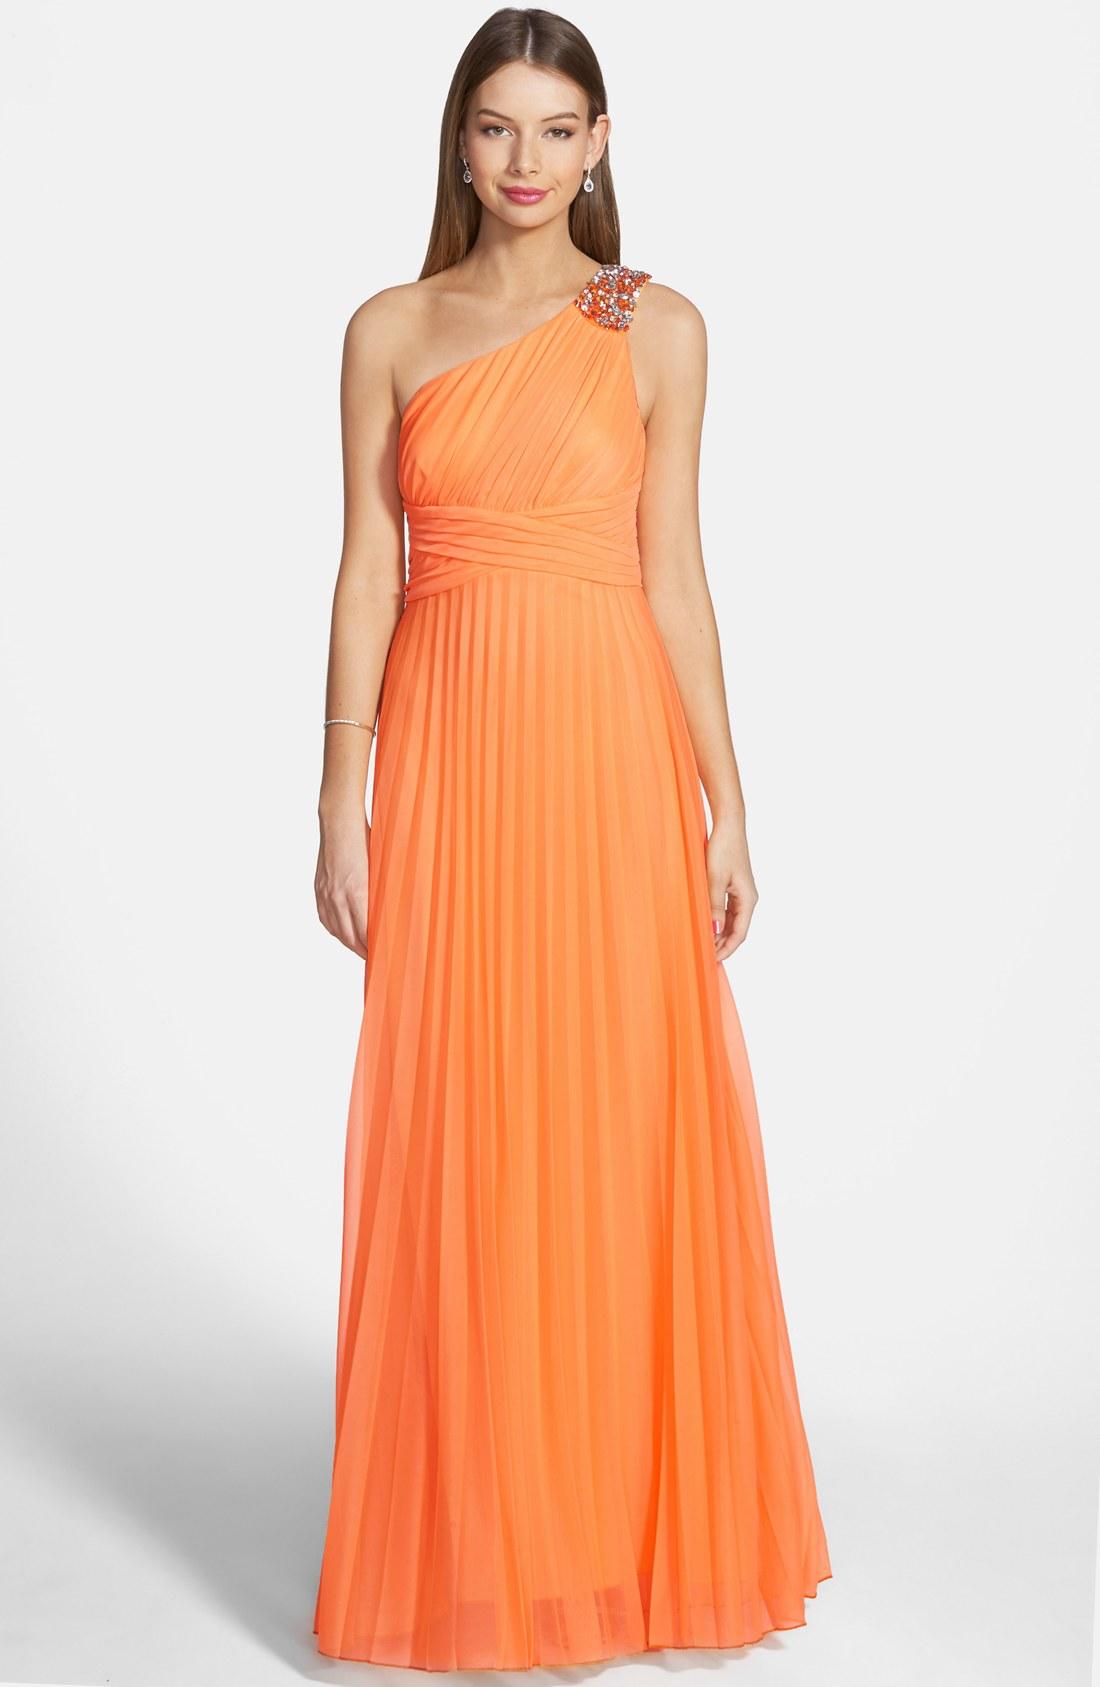 bc34235db Este vestido viene en varios tonos. El detalle de la cintura hace una linda  forma.